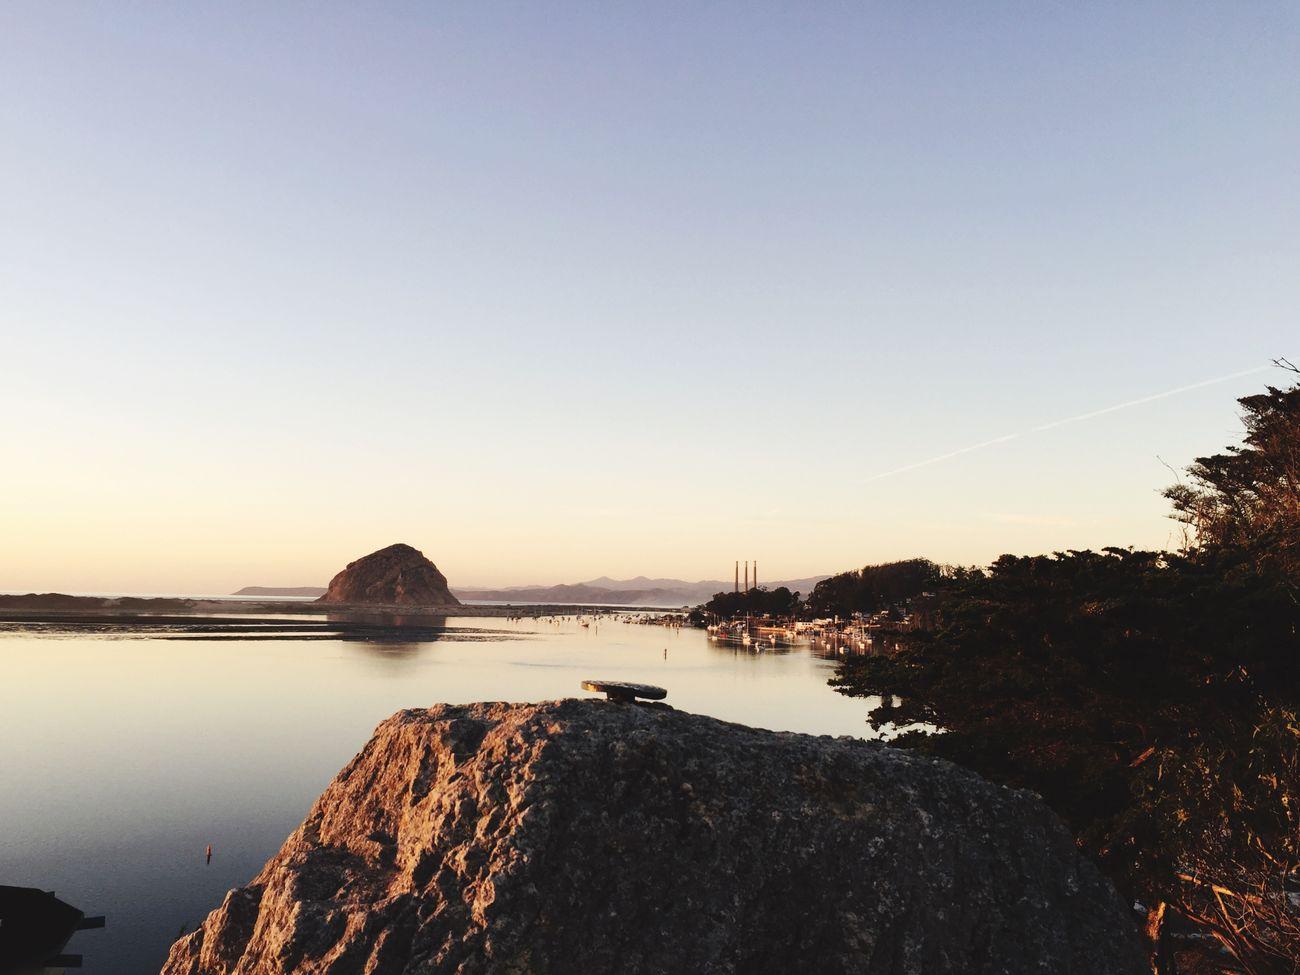 A big ole rock